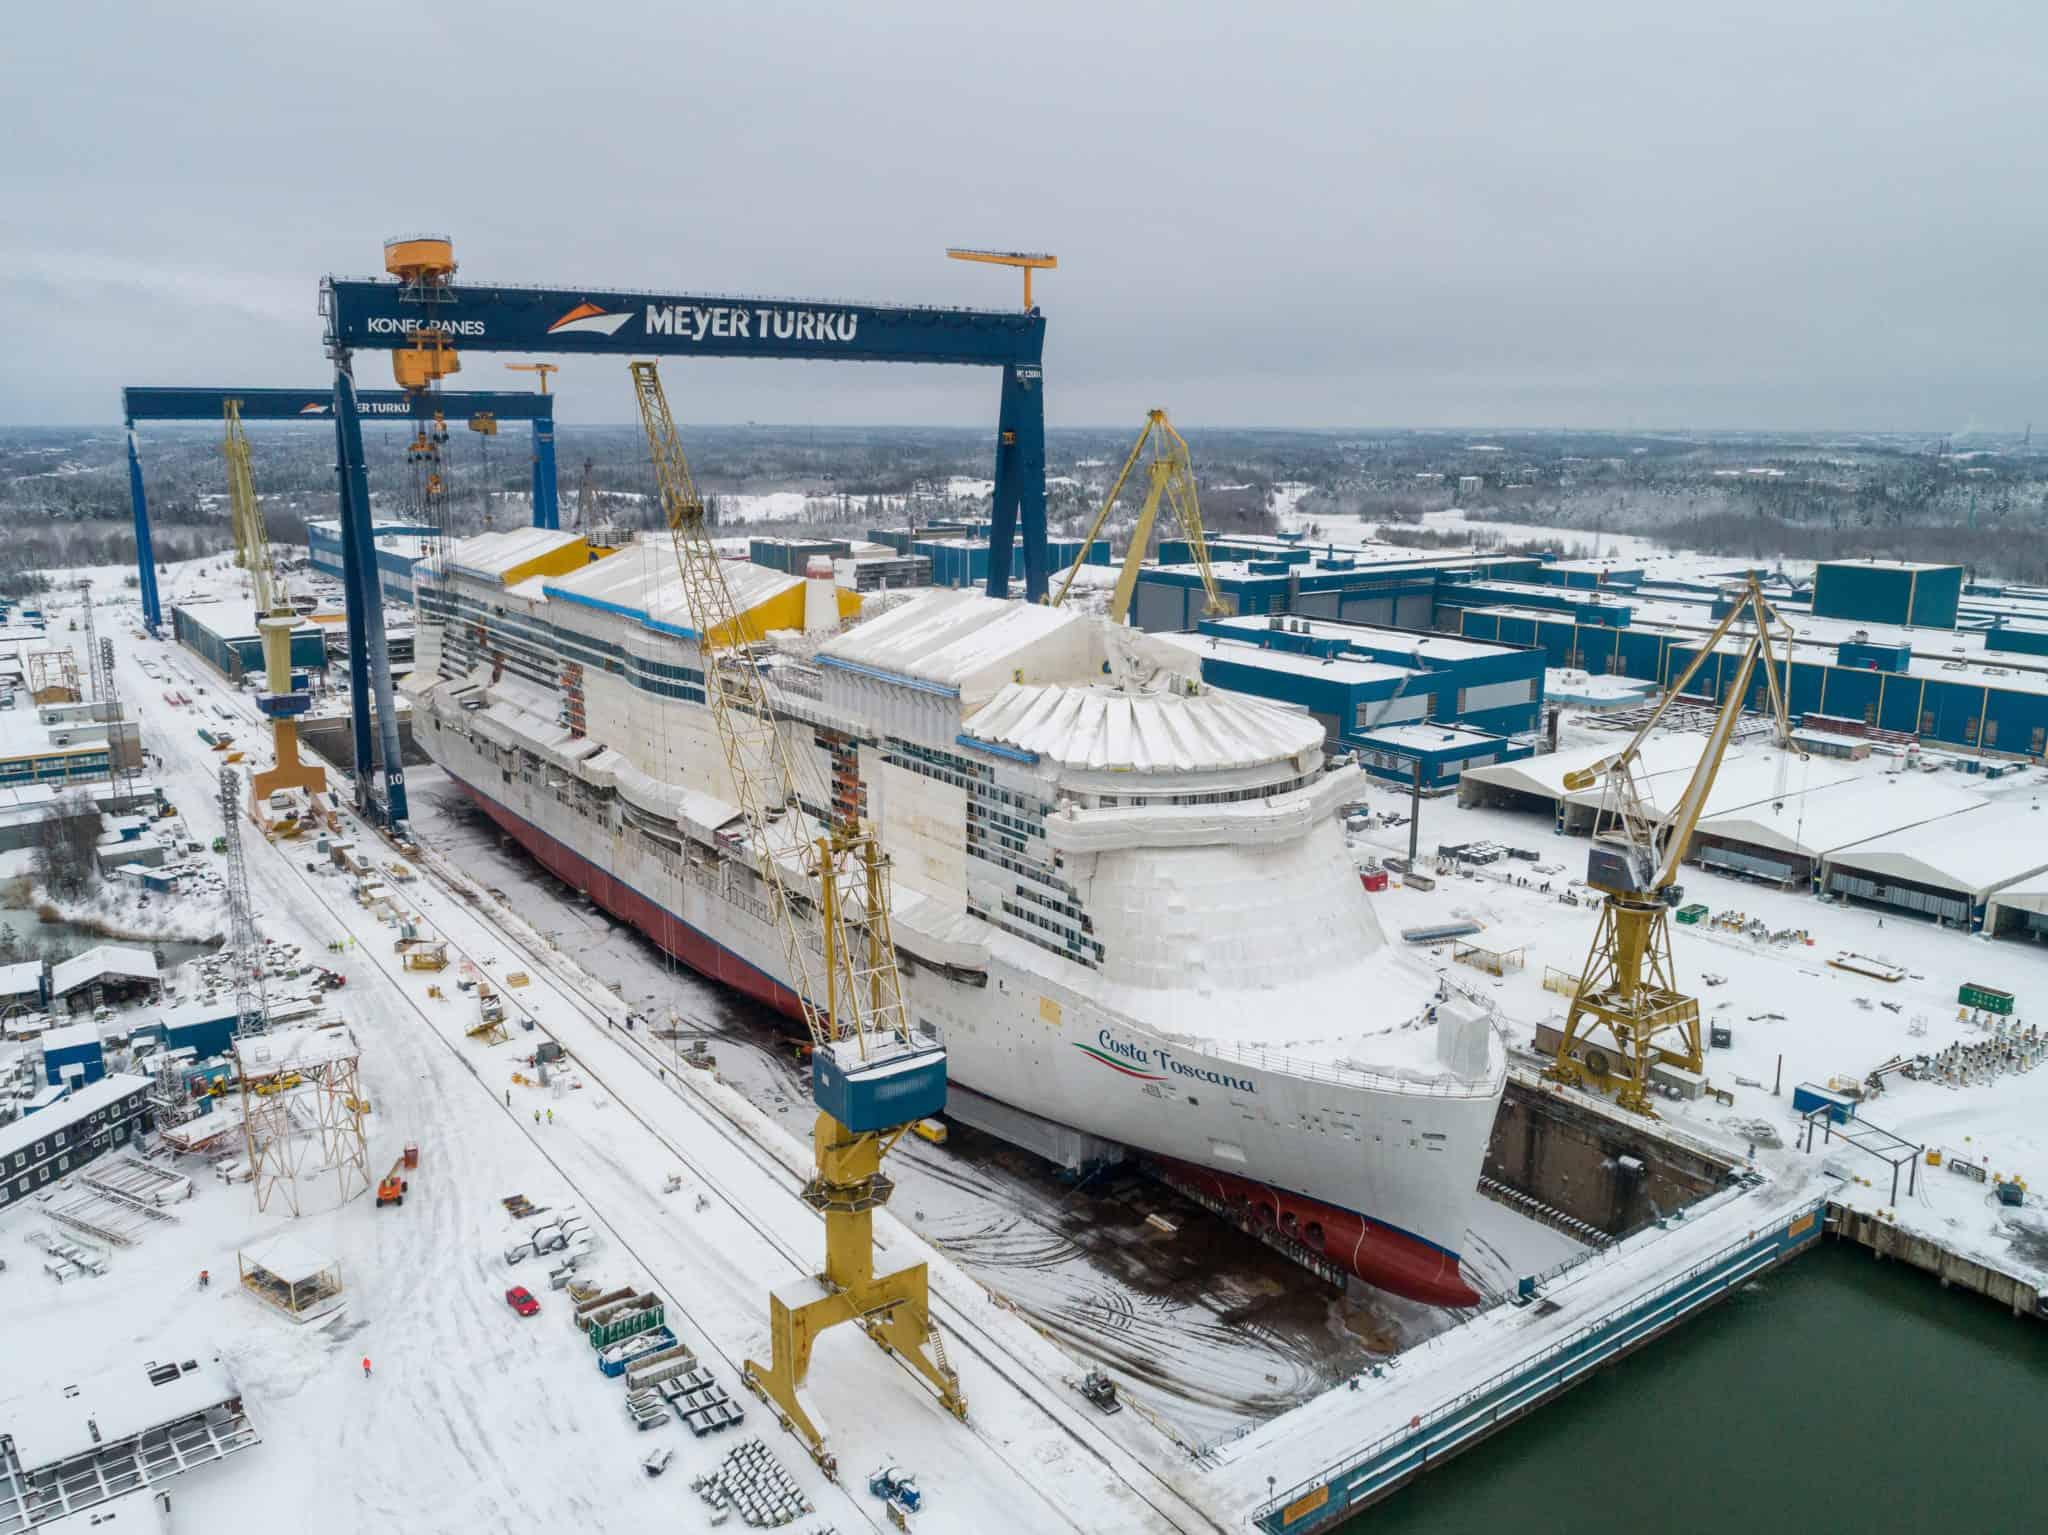 costa toscana meyer turku shipyard